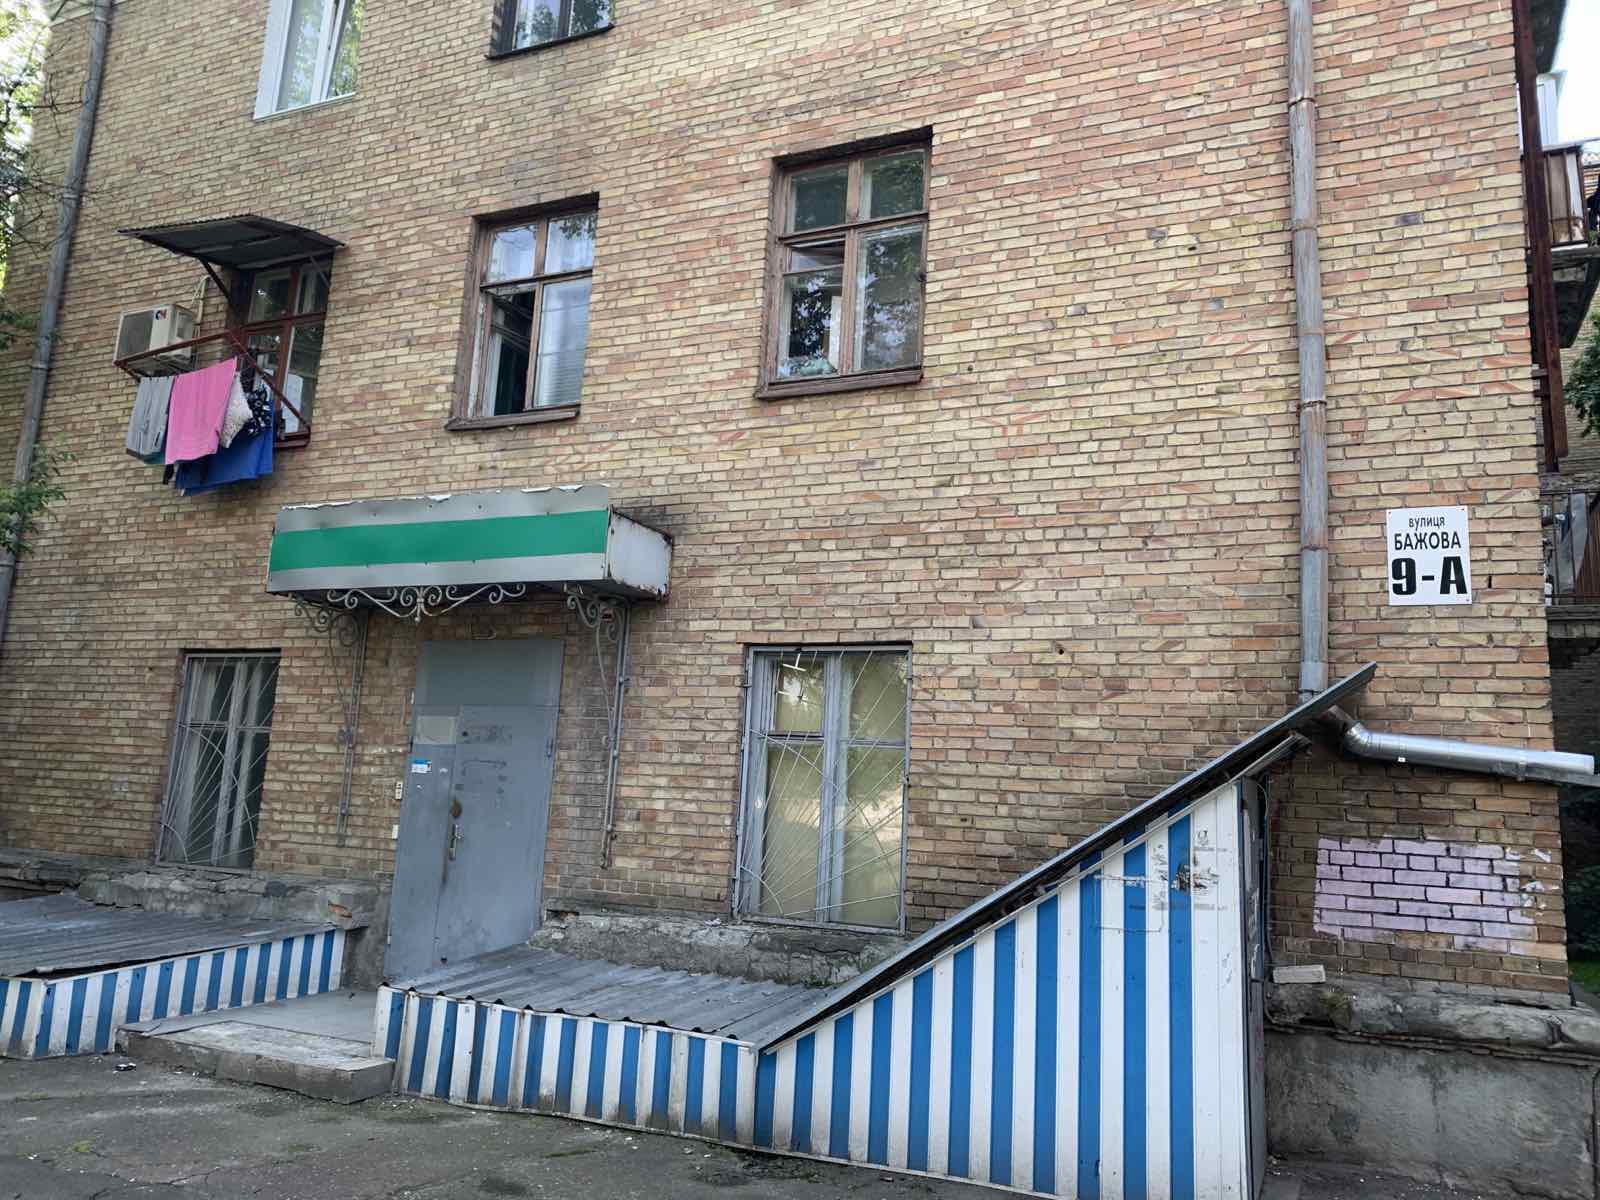 Продовження договору оренди нежитлових приміщень (1-й поверх) на вул. Бажова, 9-А загальною площею 92,30 кв. м